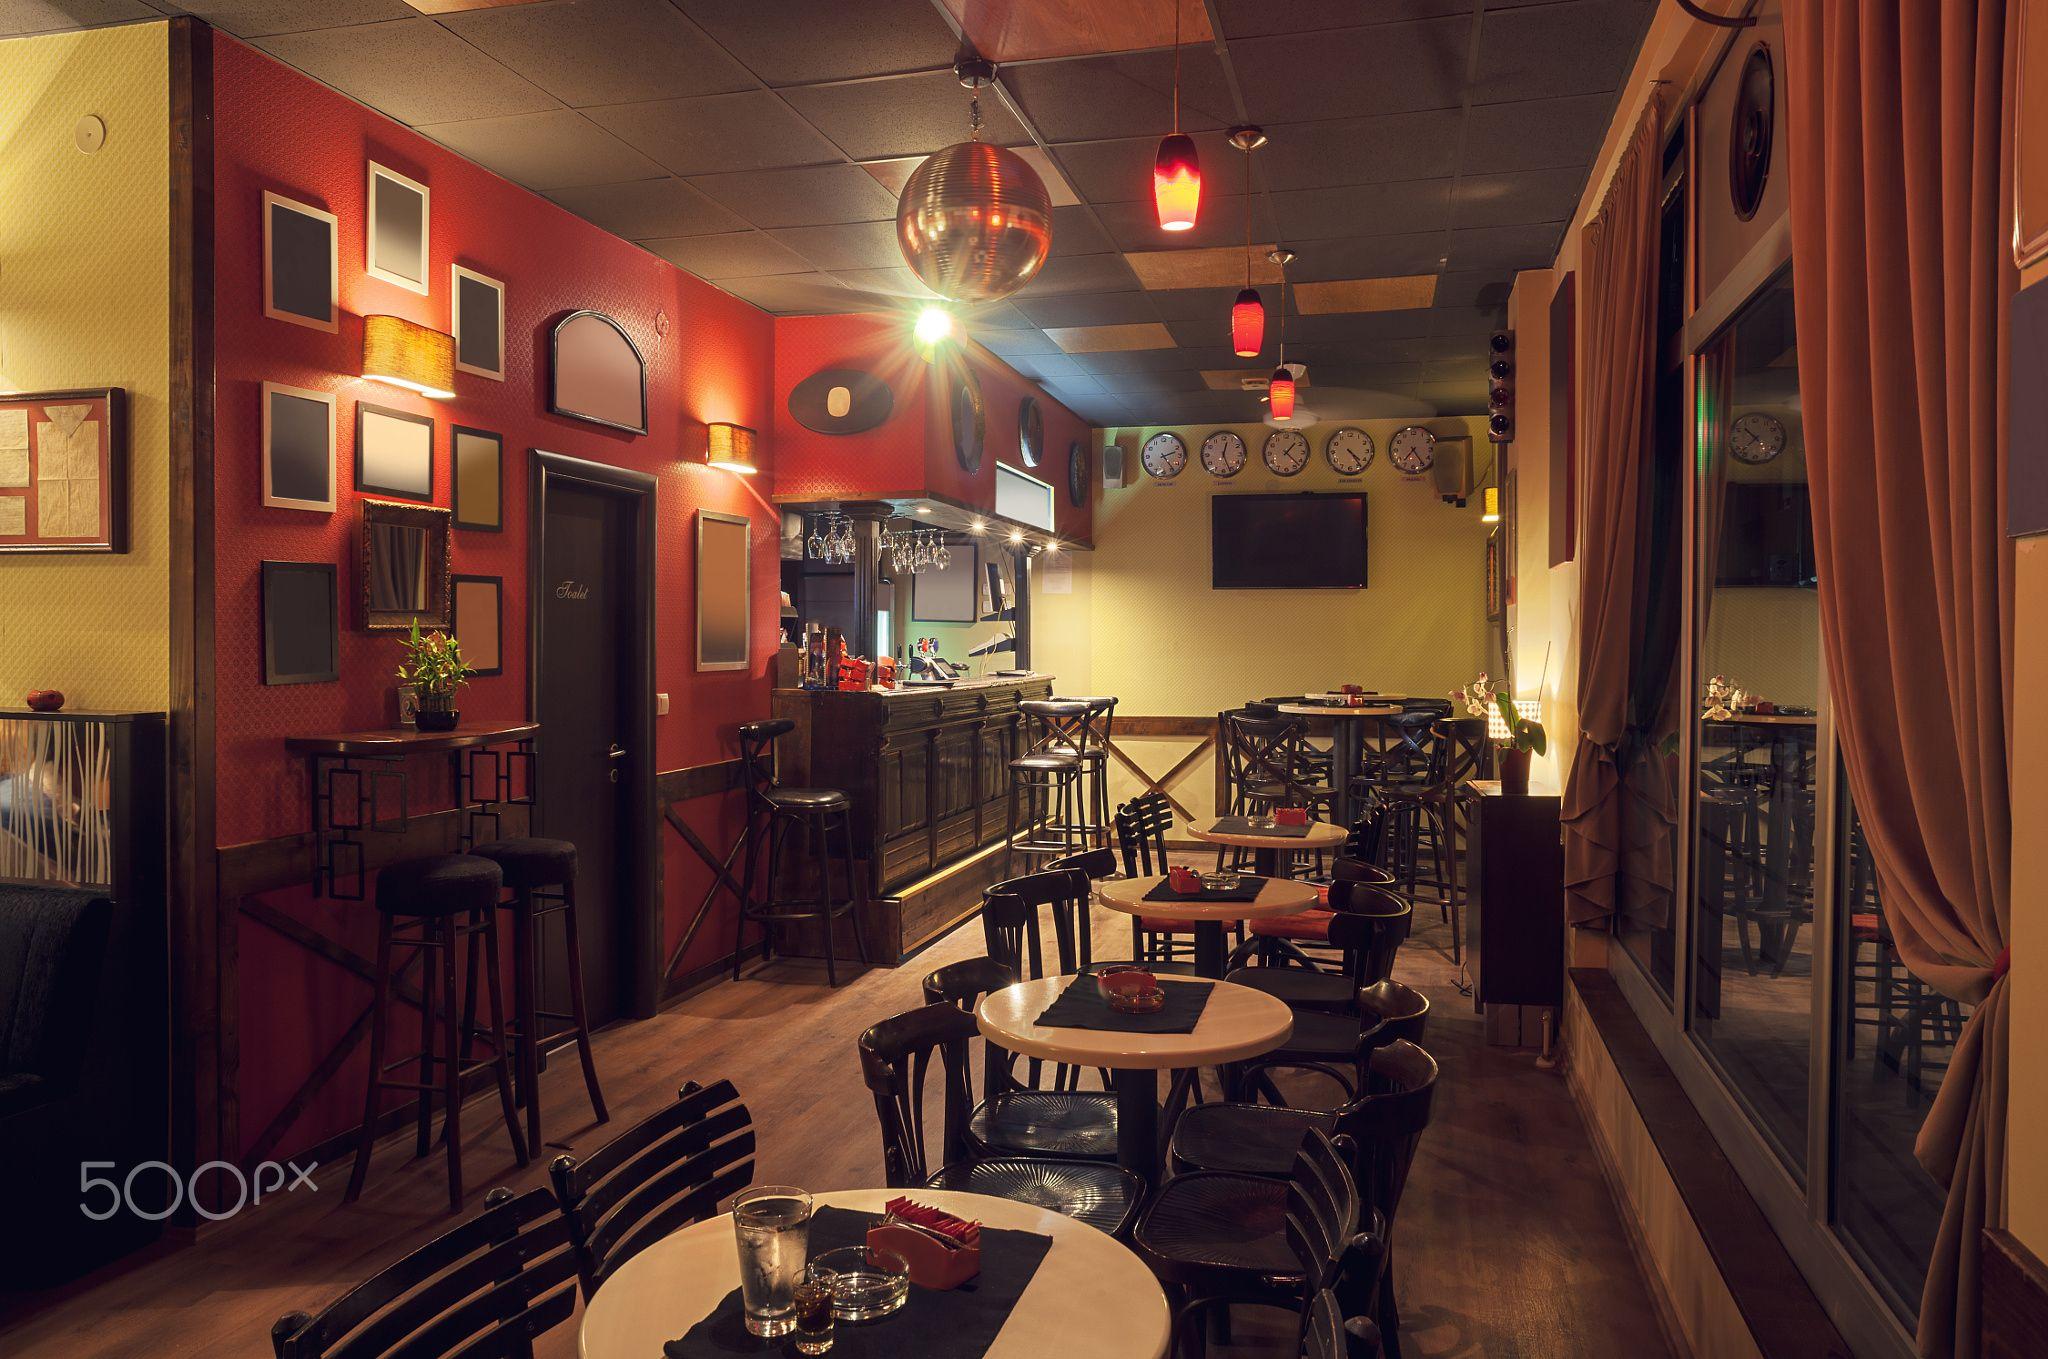 Cafe Interior Retro Design Cafe Interior Retro Interior Design Modern Cafe